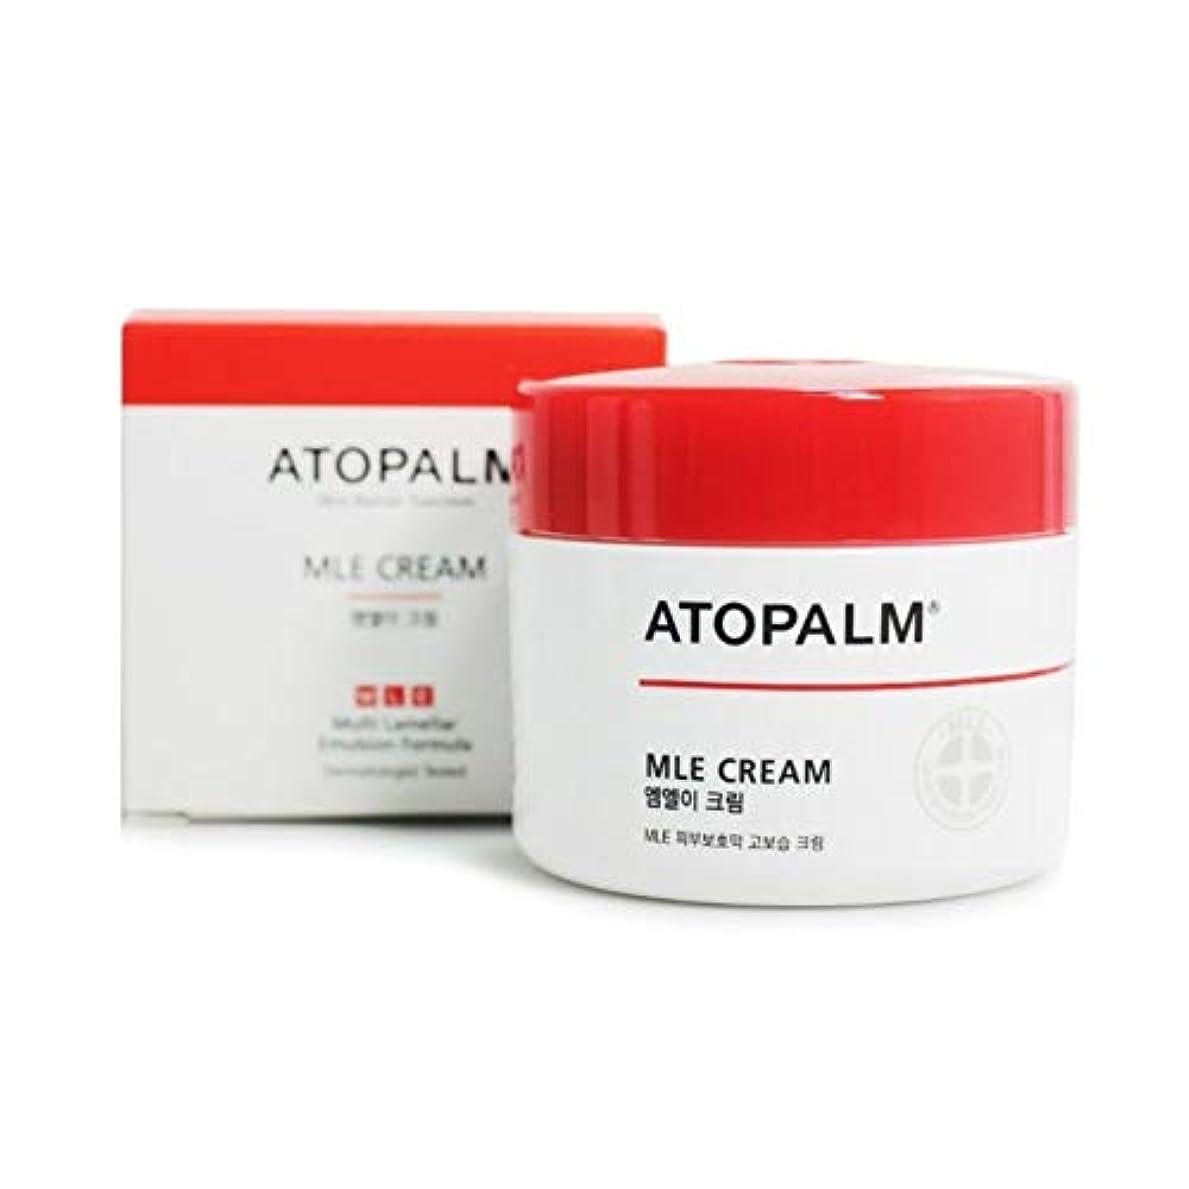 出発する仲人樹皮アトパムMLEクリーム160mlベビークリーム韓国コスメ、Atopalm MLE Cream 160ml Baby Cream Korean Cosmetics [並行輸入品]